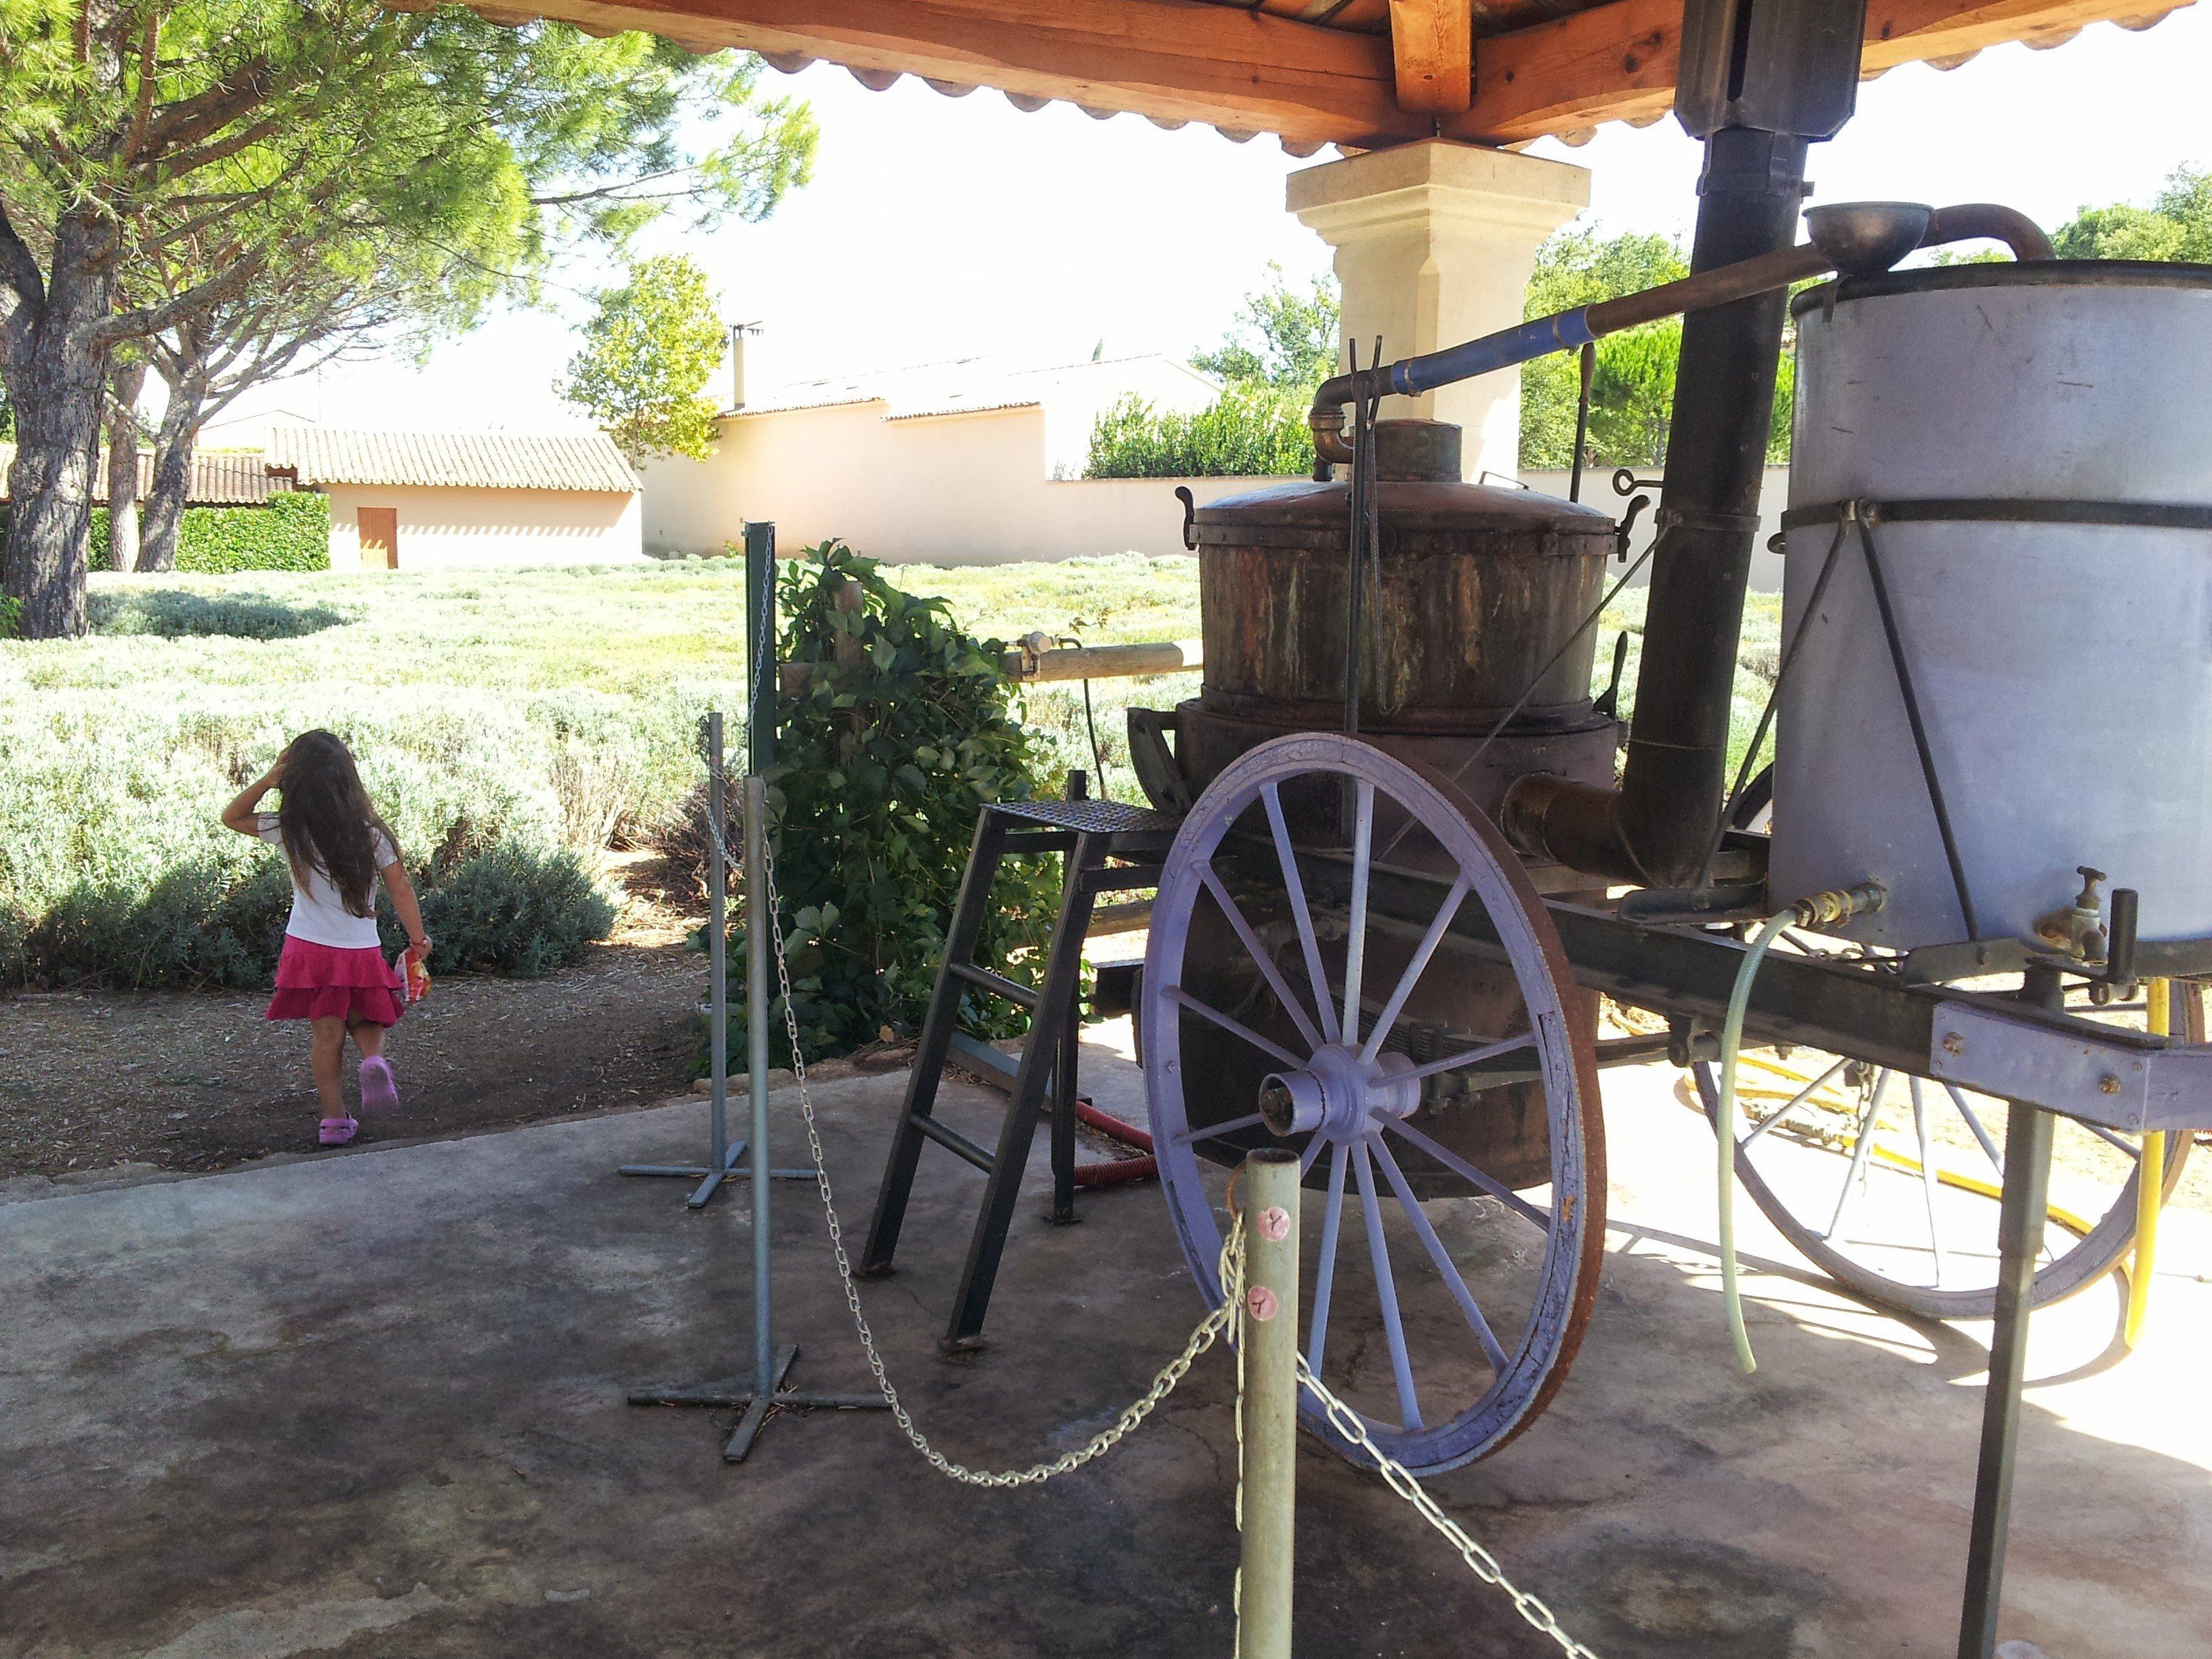 Mobile lavender distiller!